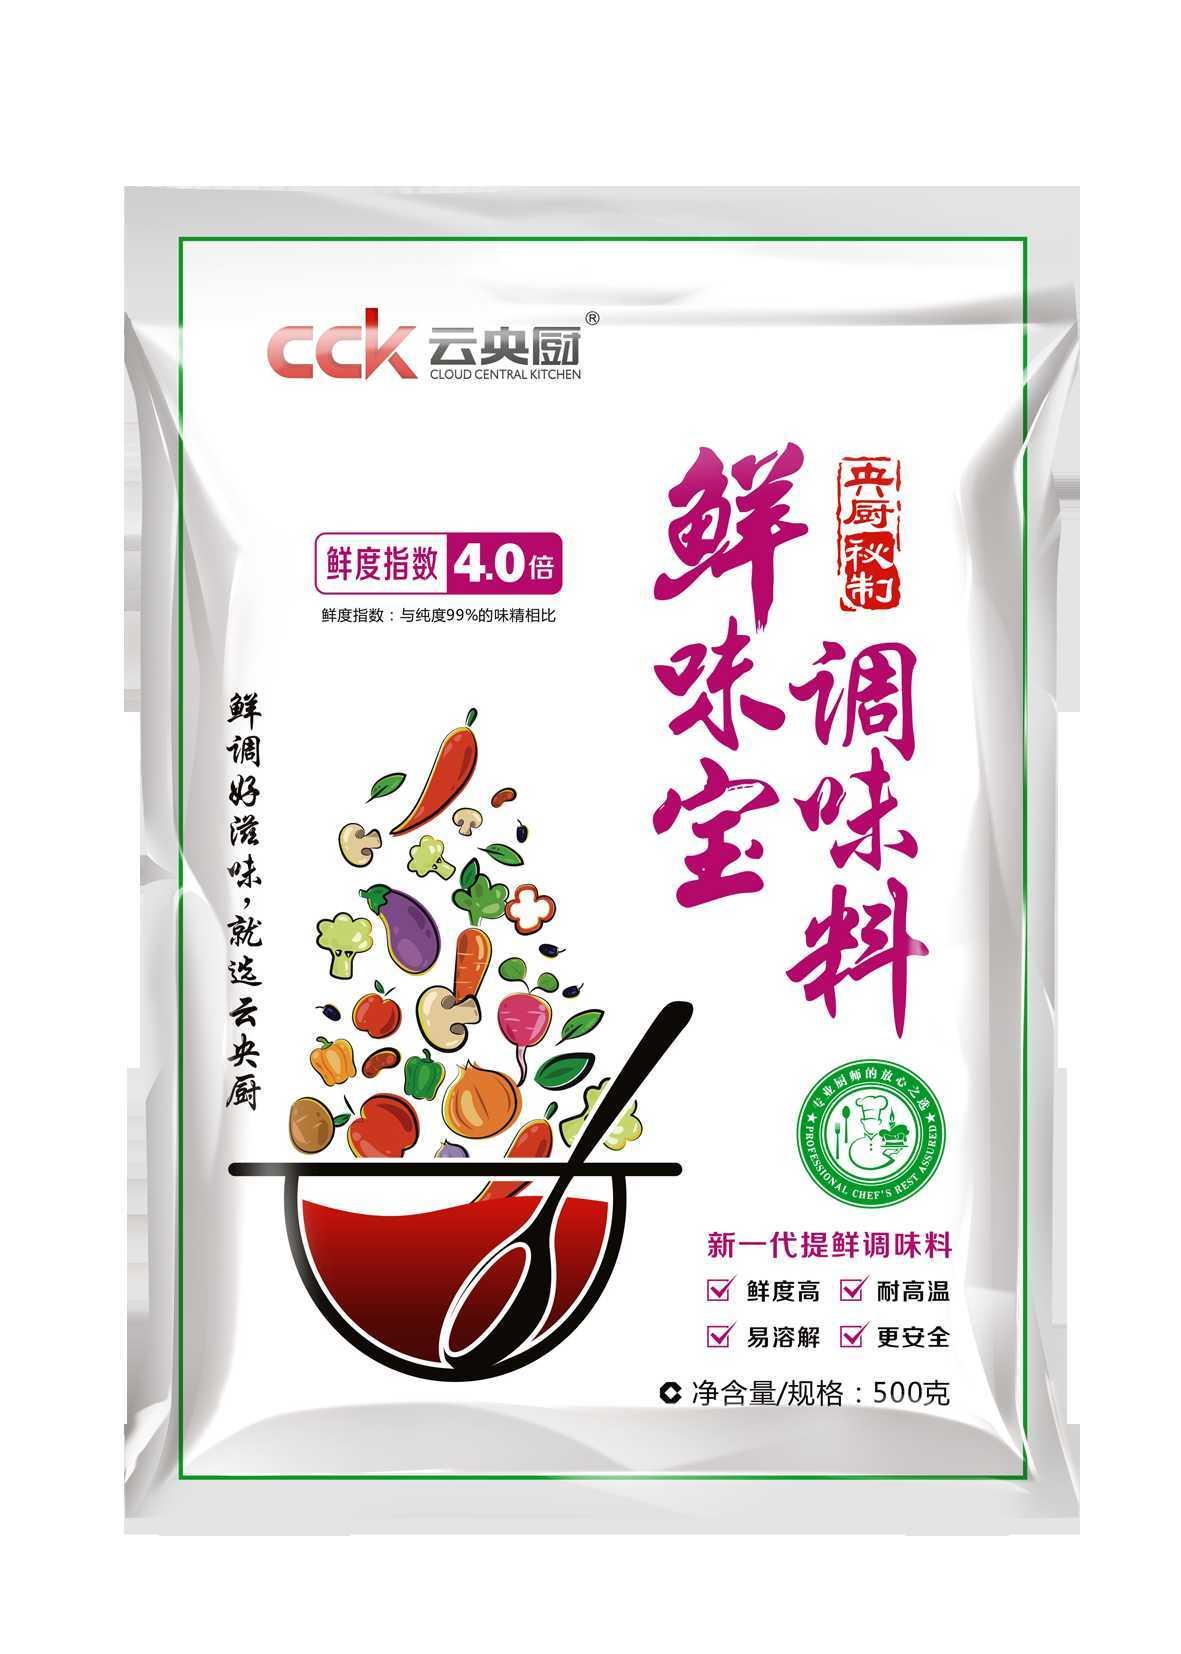 云央厨鲜味宝调味料500g*20包整箱鸡精味精大袋装商用增鲜调味品